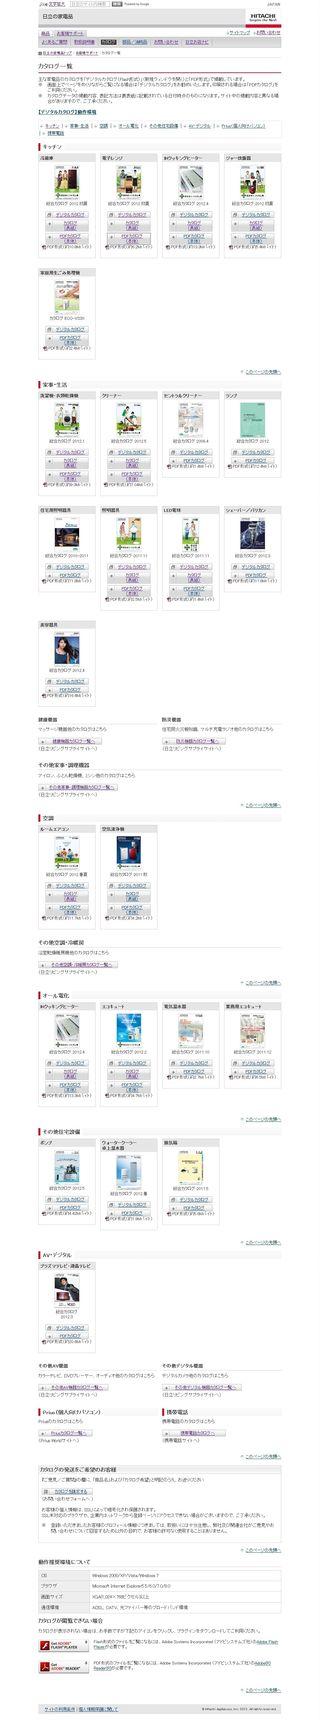 2012.05 pub hitachi 04